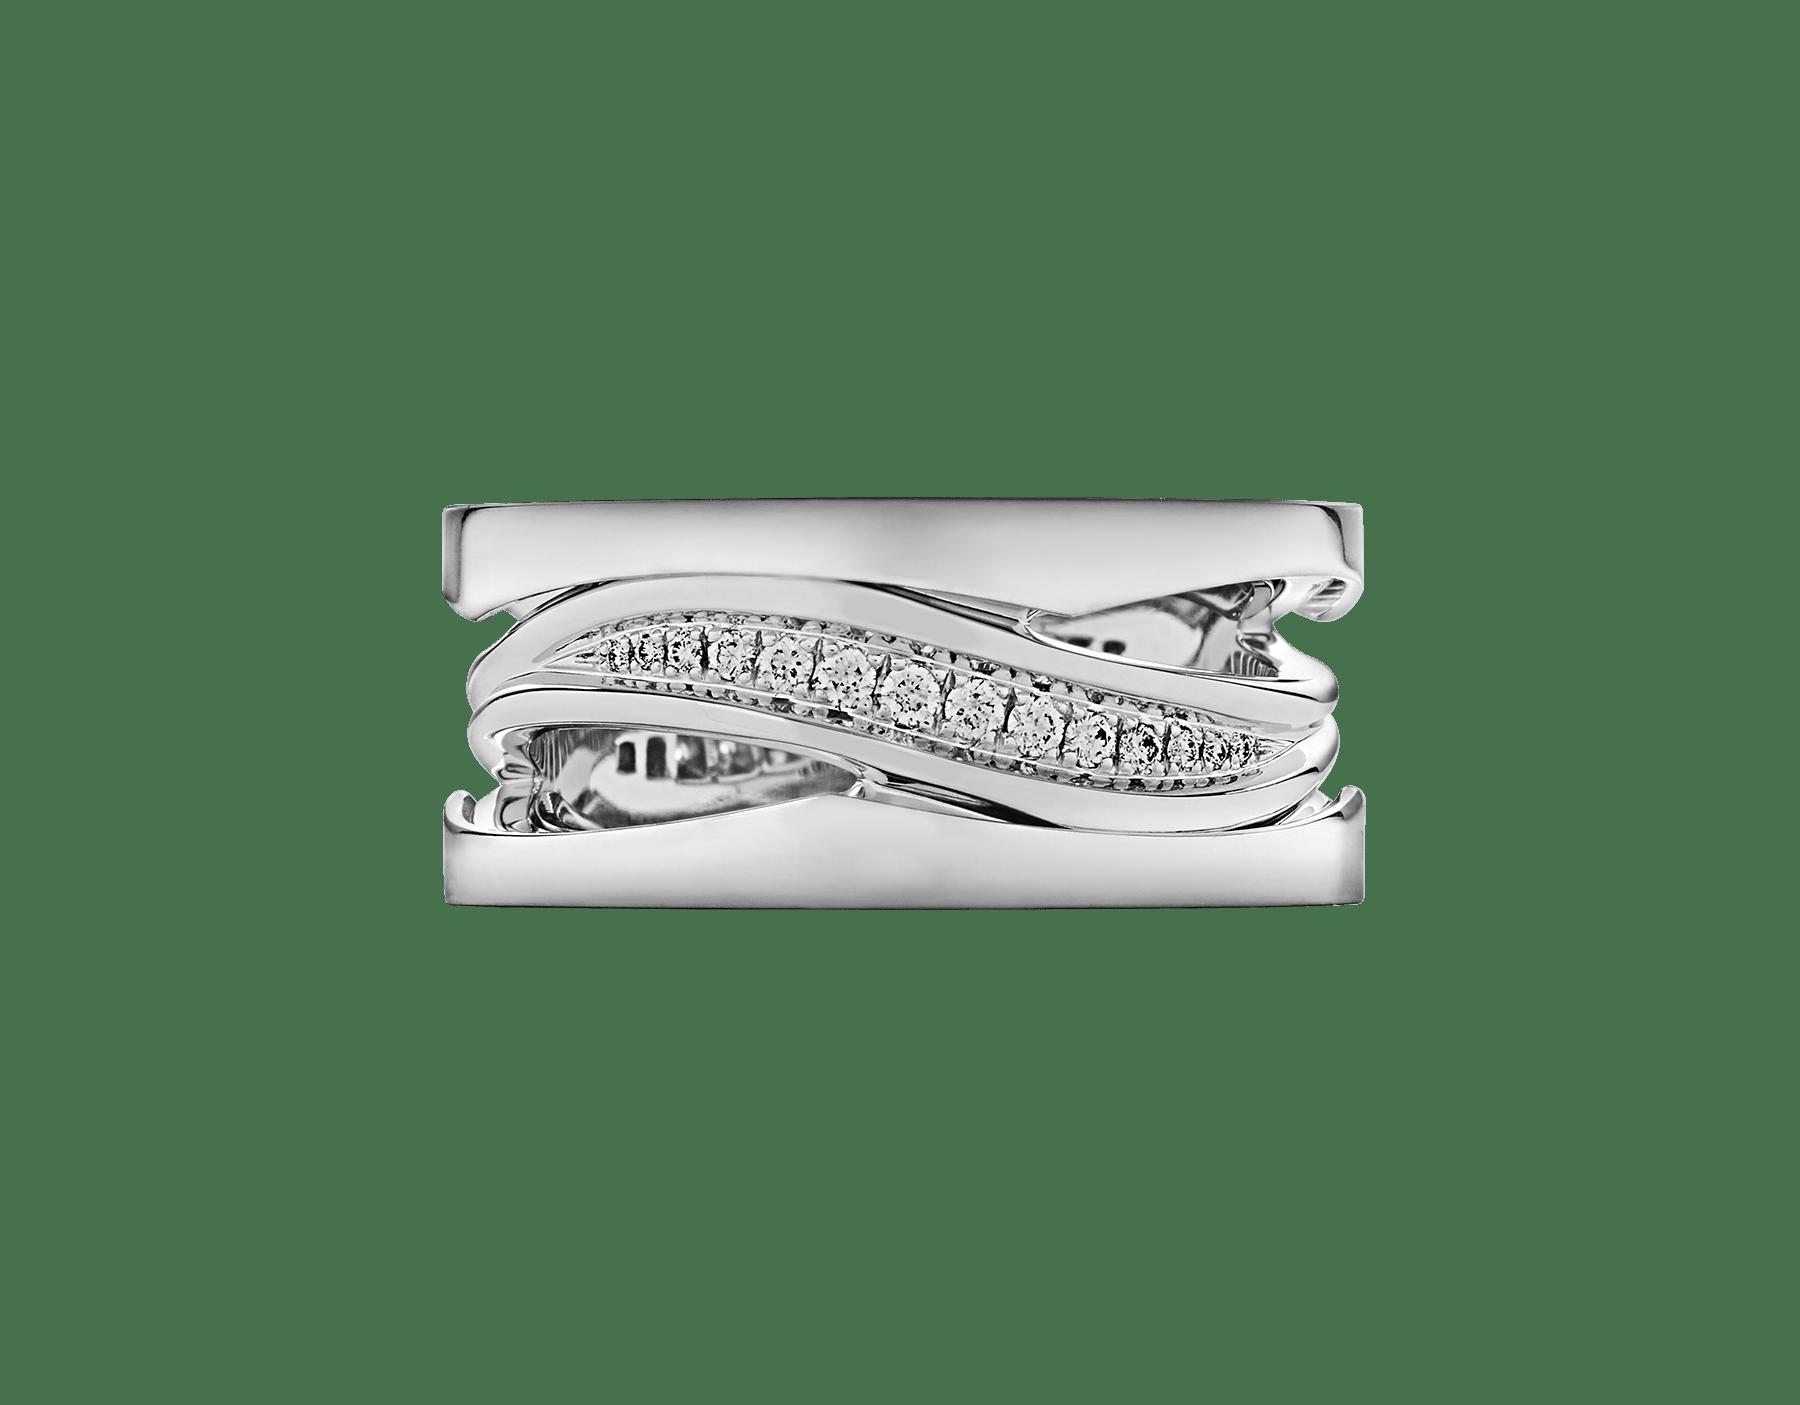 Bague B.zero1 Design Legend en or blanc 18K avec pavé diamants sur la spirale. AN858378 image 3